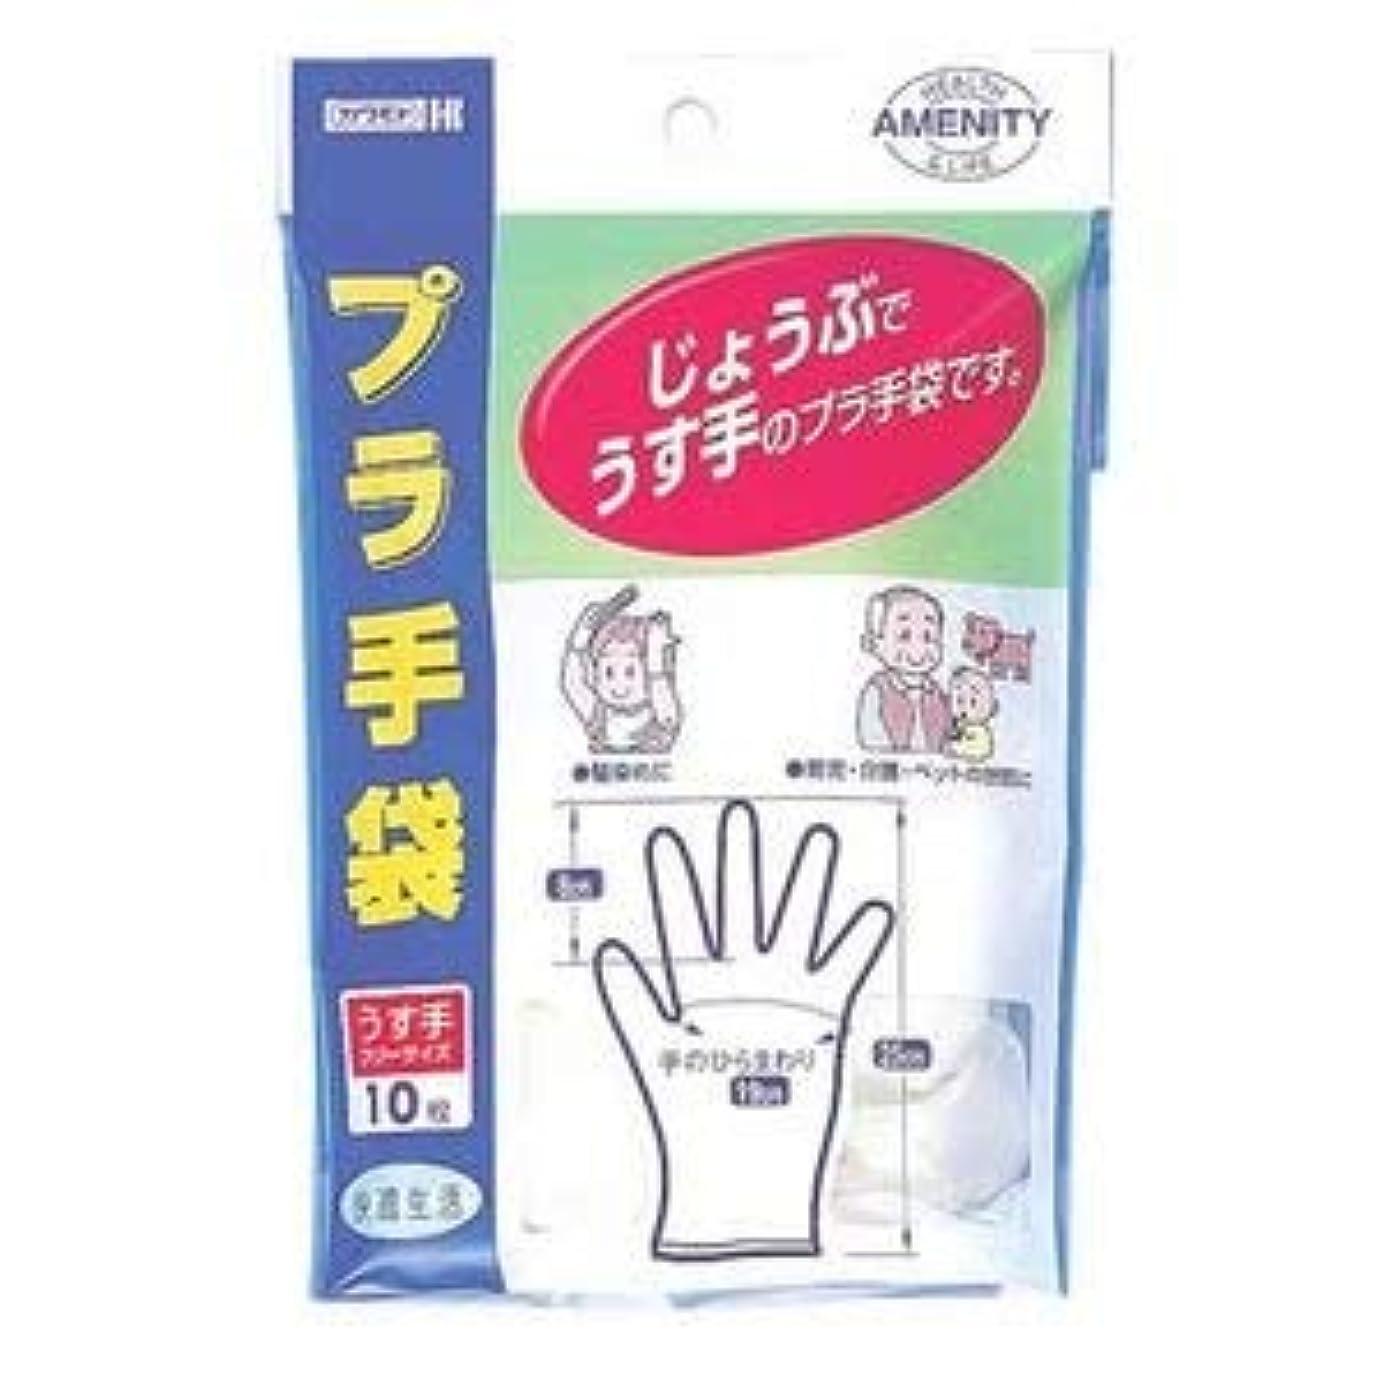 過ち伝統的臭いカワモト プラ手袋 10枚 ×3個